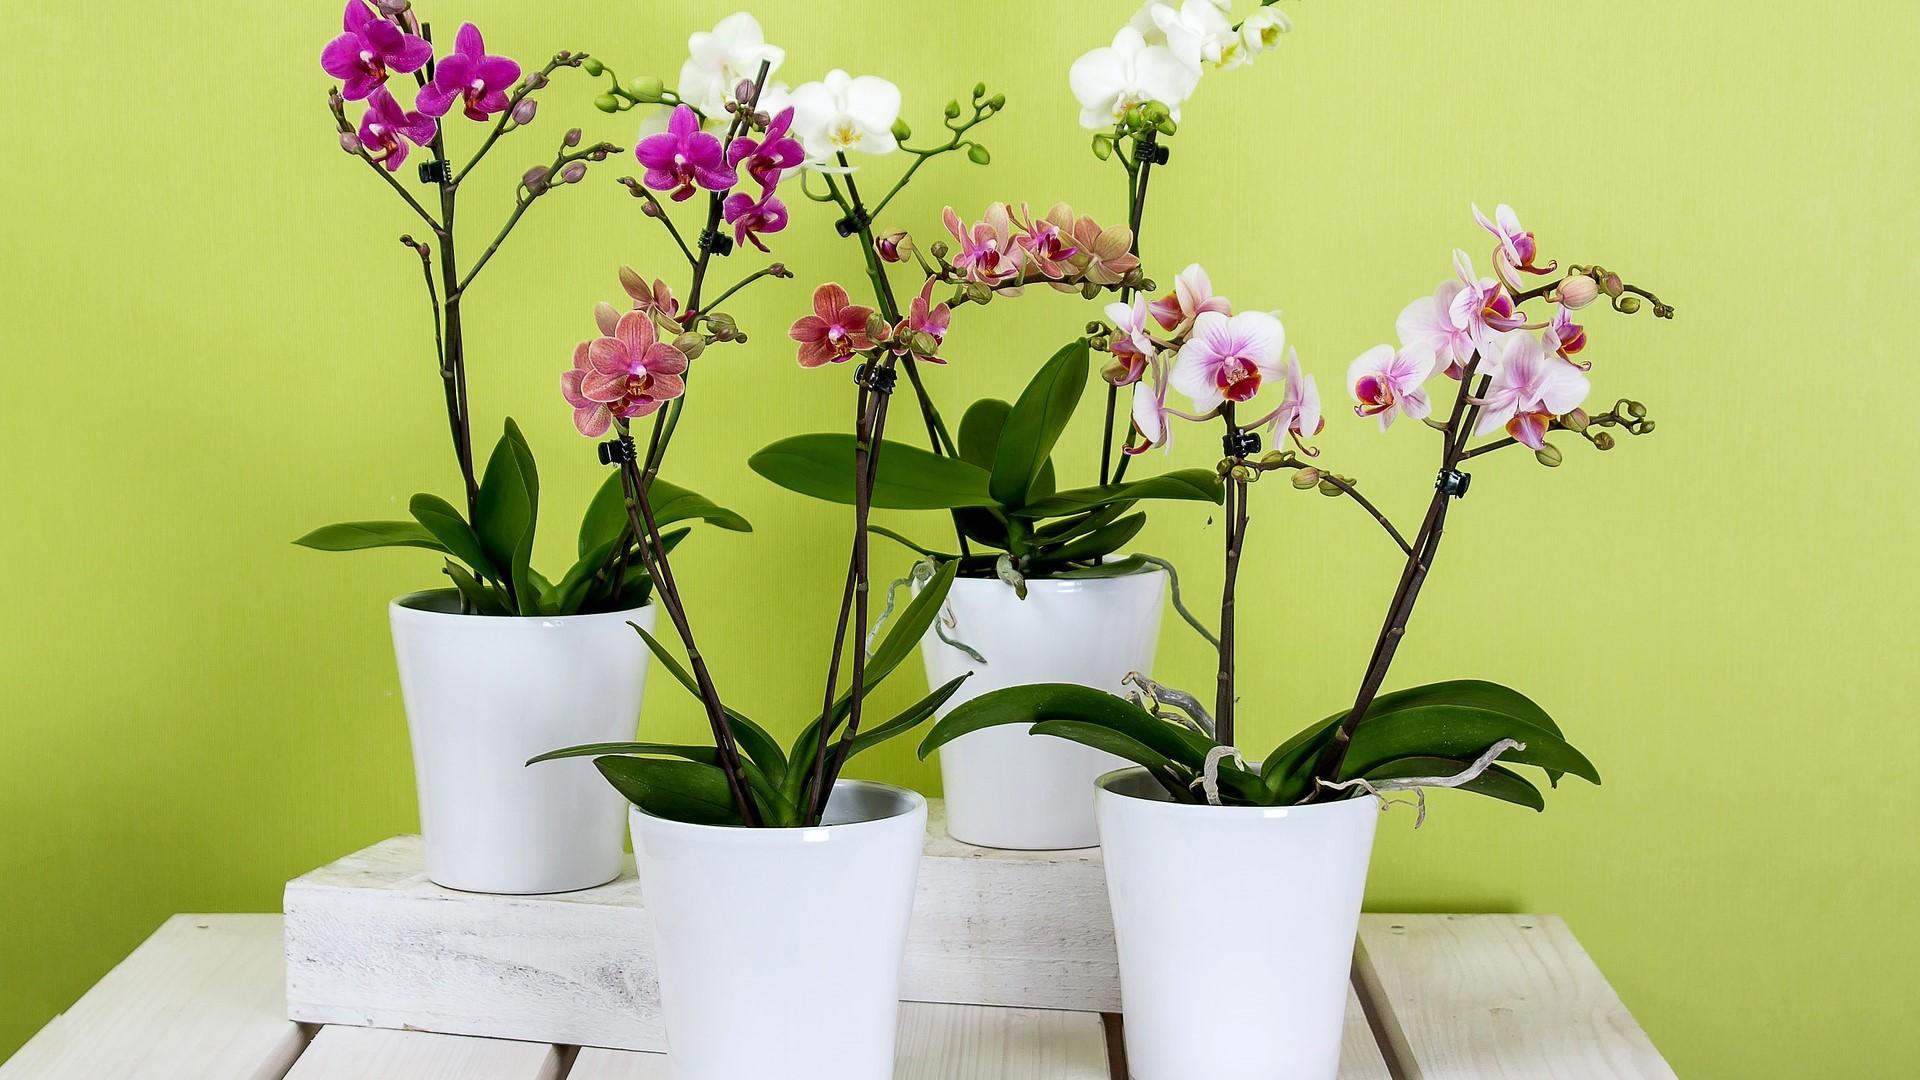 Zimmerpflanzen bestimmen: Mit diesen Möglichkeiten erkennen Sie Ihre Pflanze